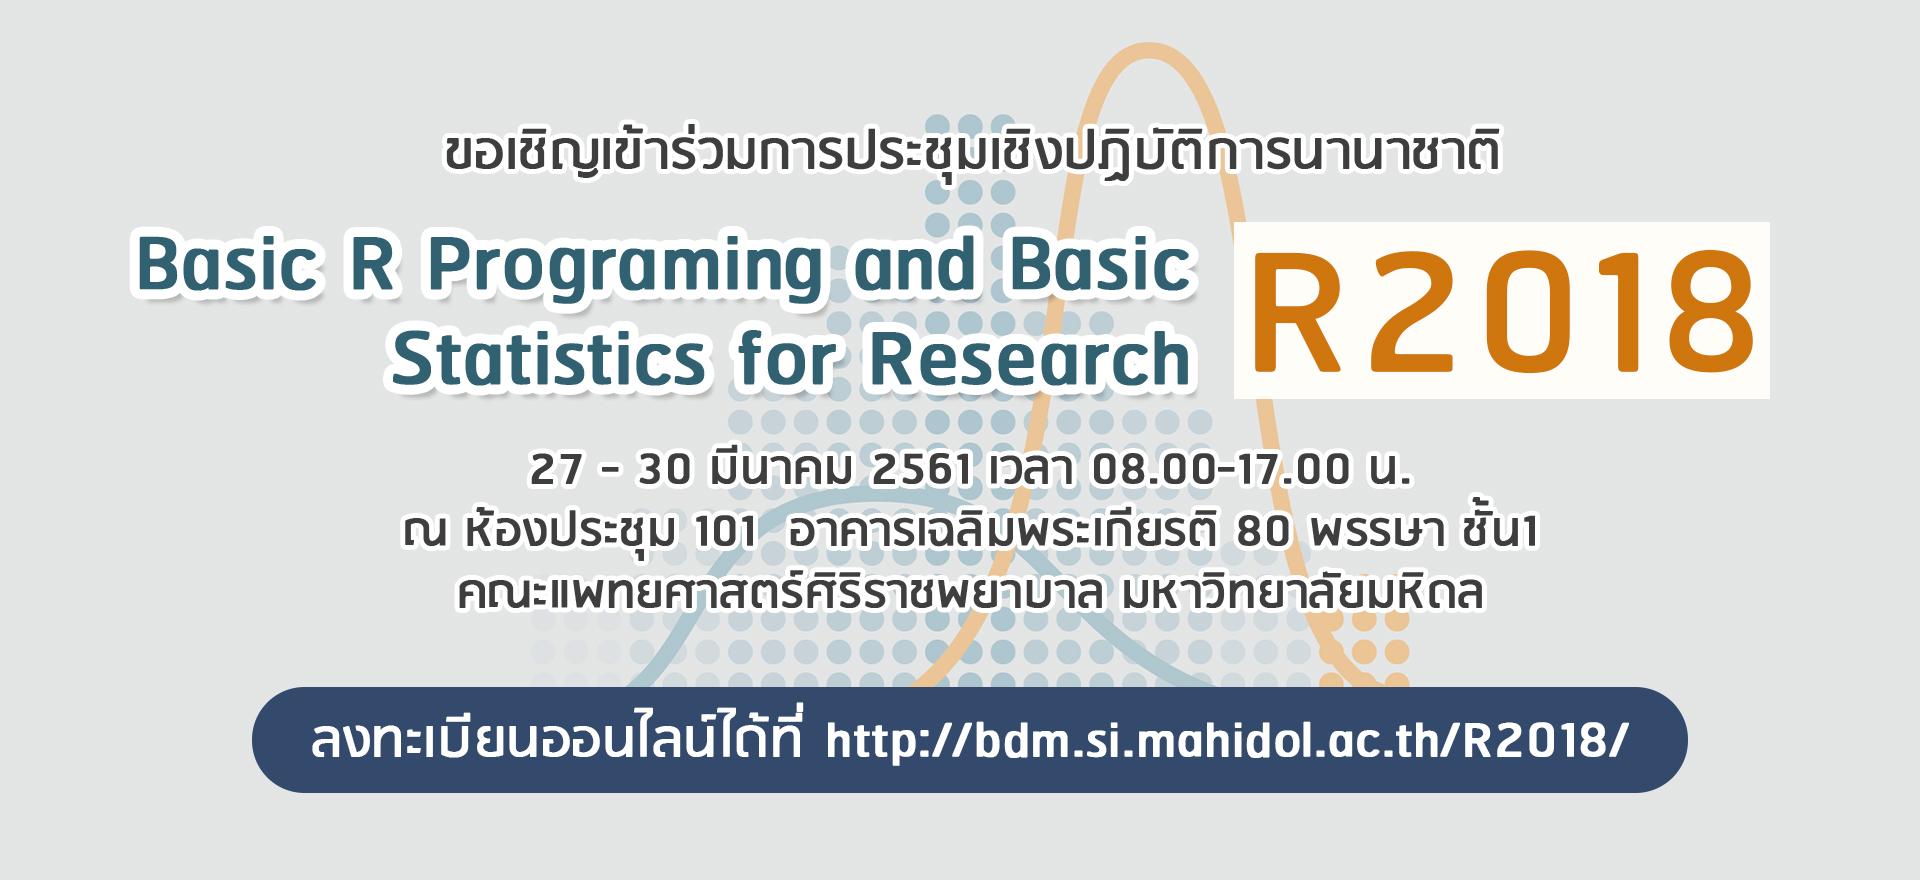 """ขอเชิญเข้าร่วมการประชุมเชิงปฏิบัติการนานาชาติ """"Basic R Programing and Basic Statistics for Research (R2018)"""""""